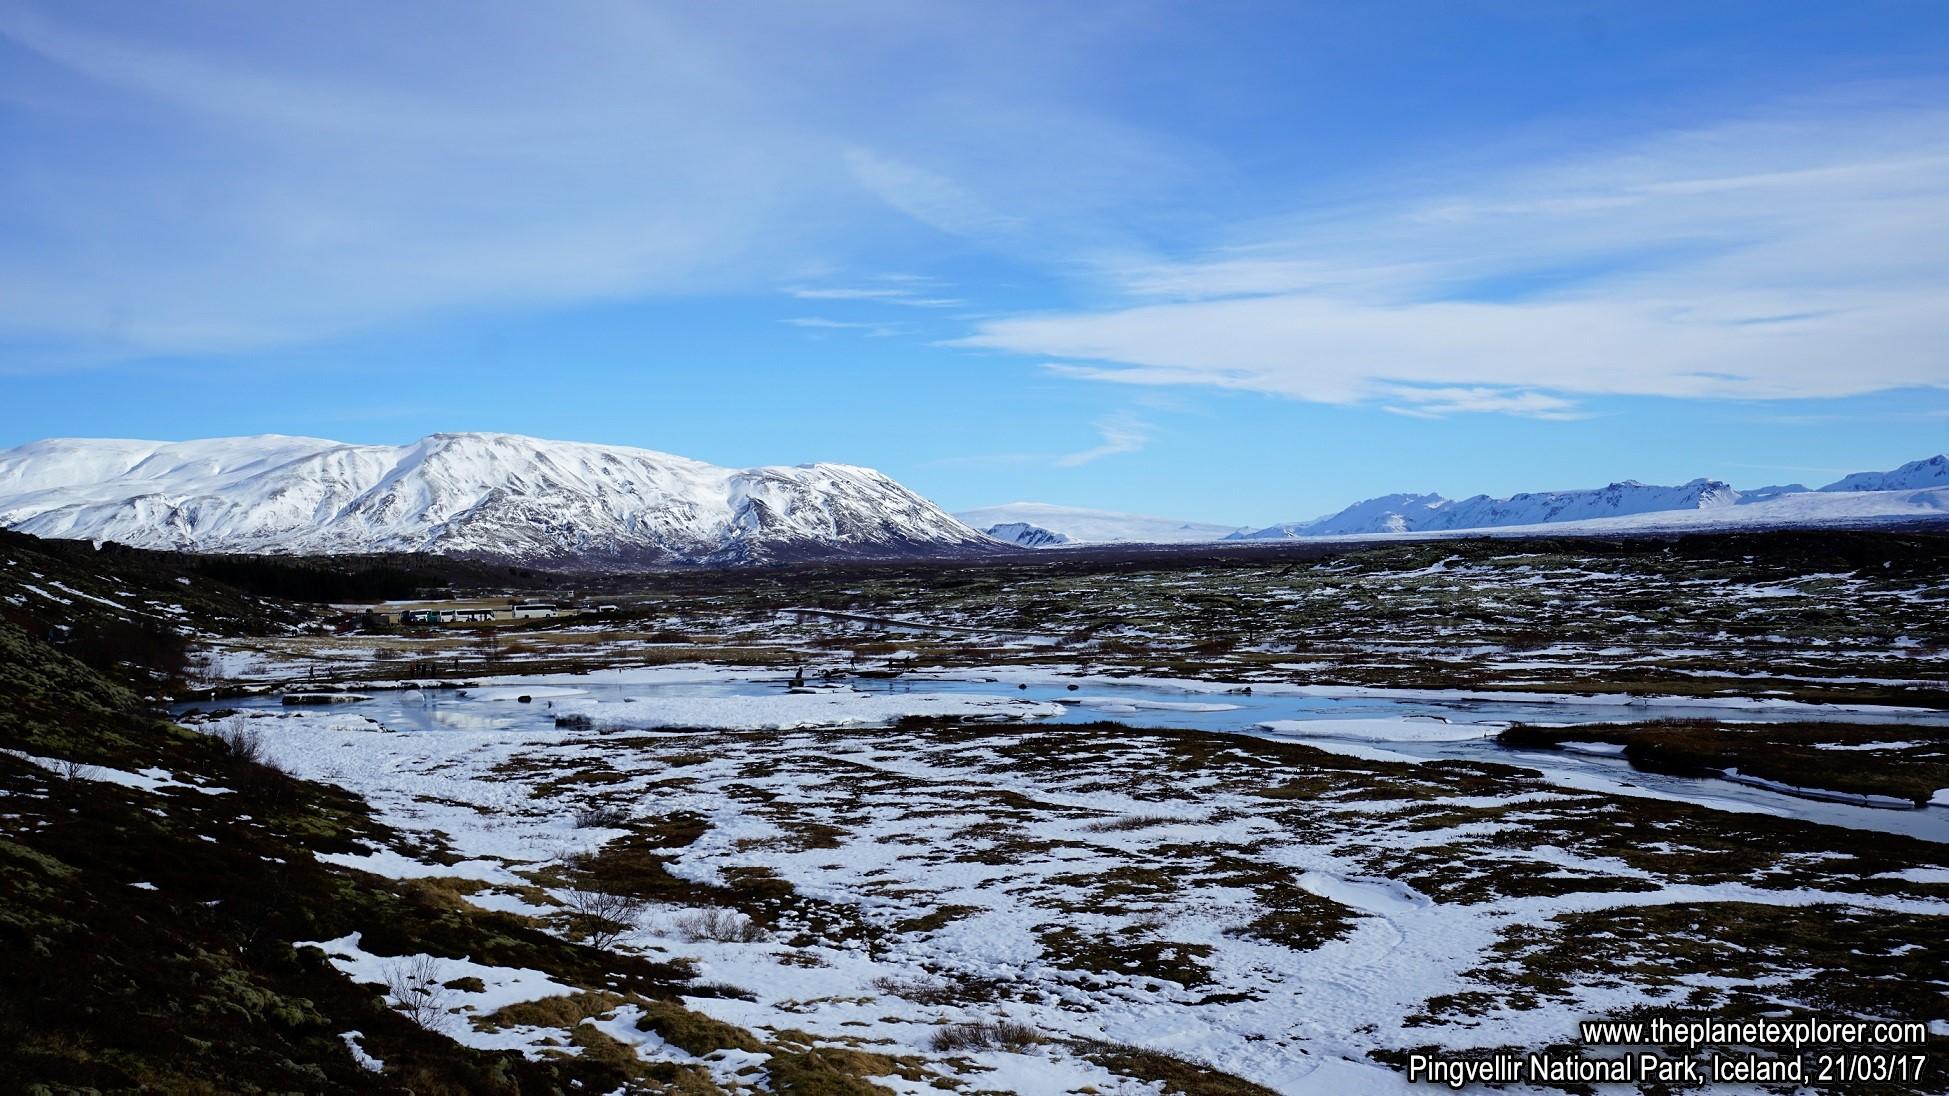 2017-03-21_1042_Iceland_Pingvellir National Park_DSC02152_s7R2_LR_@www